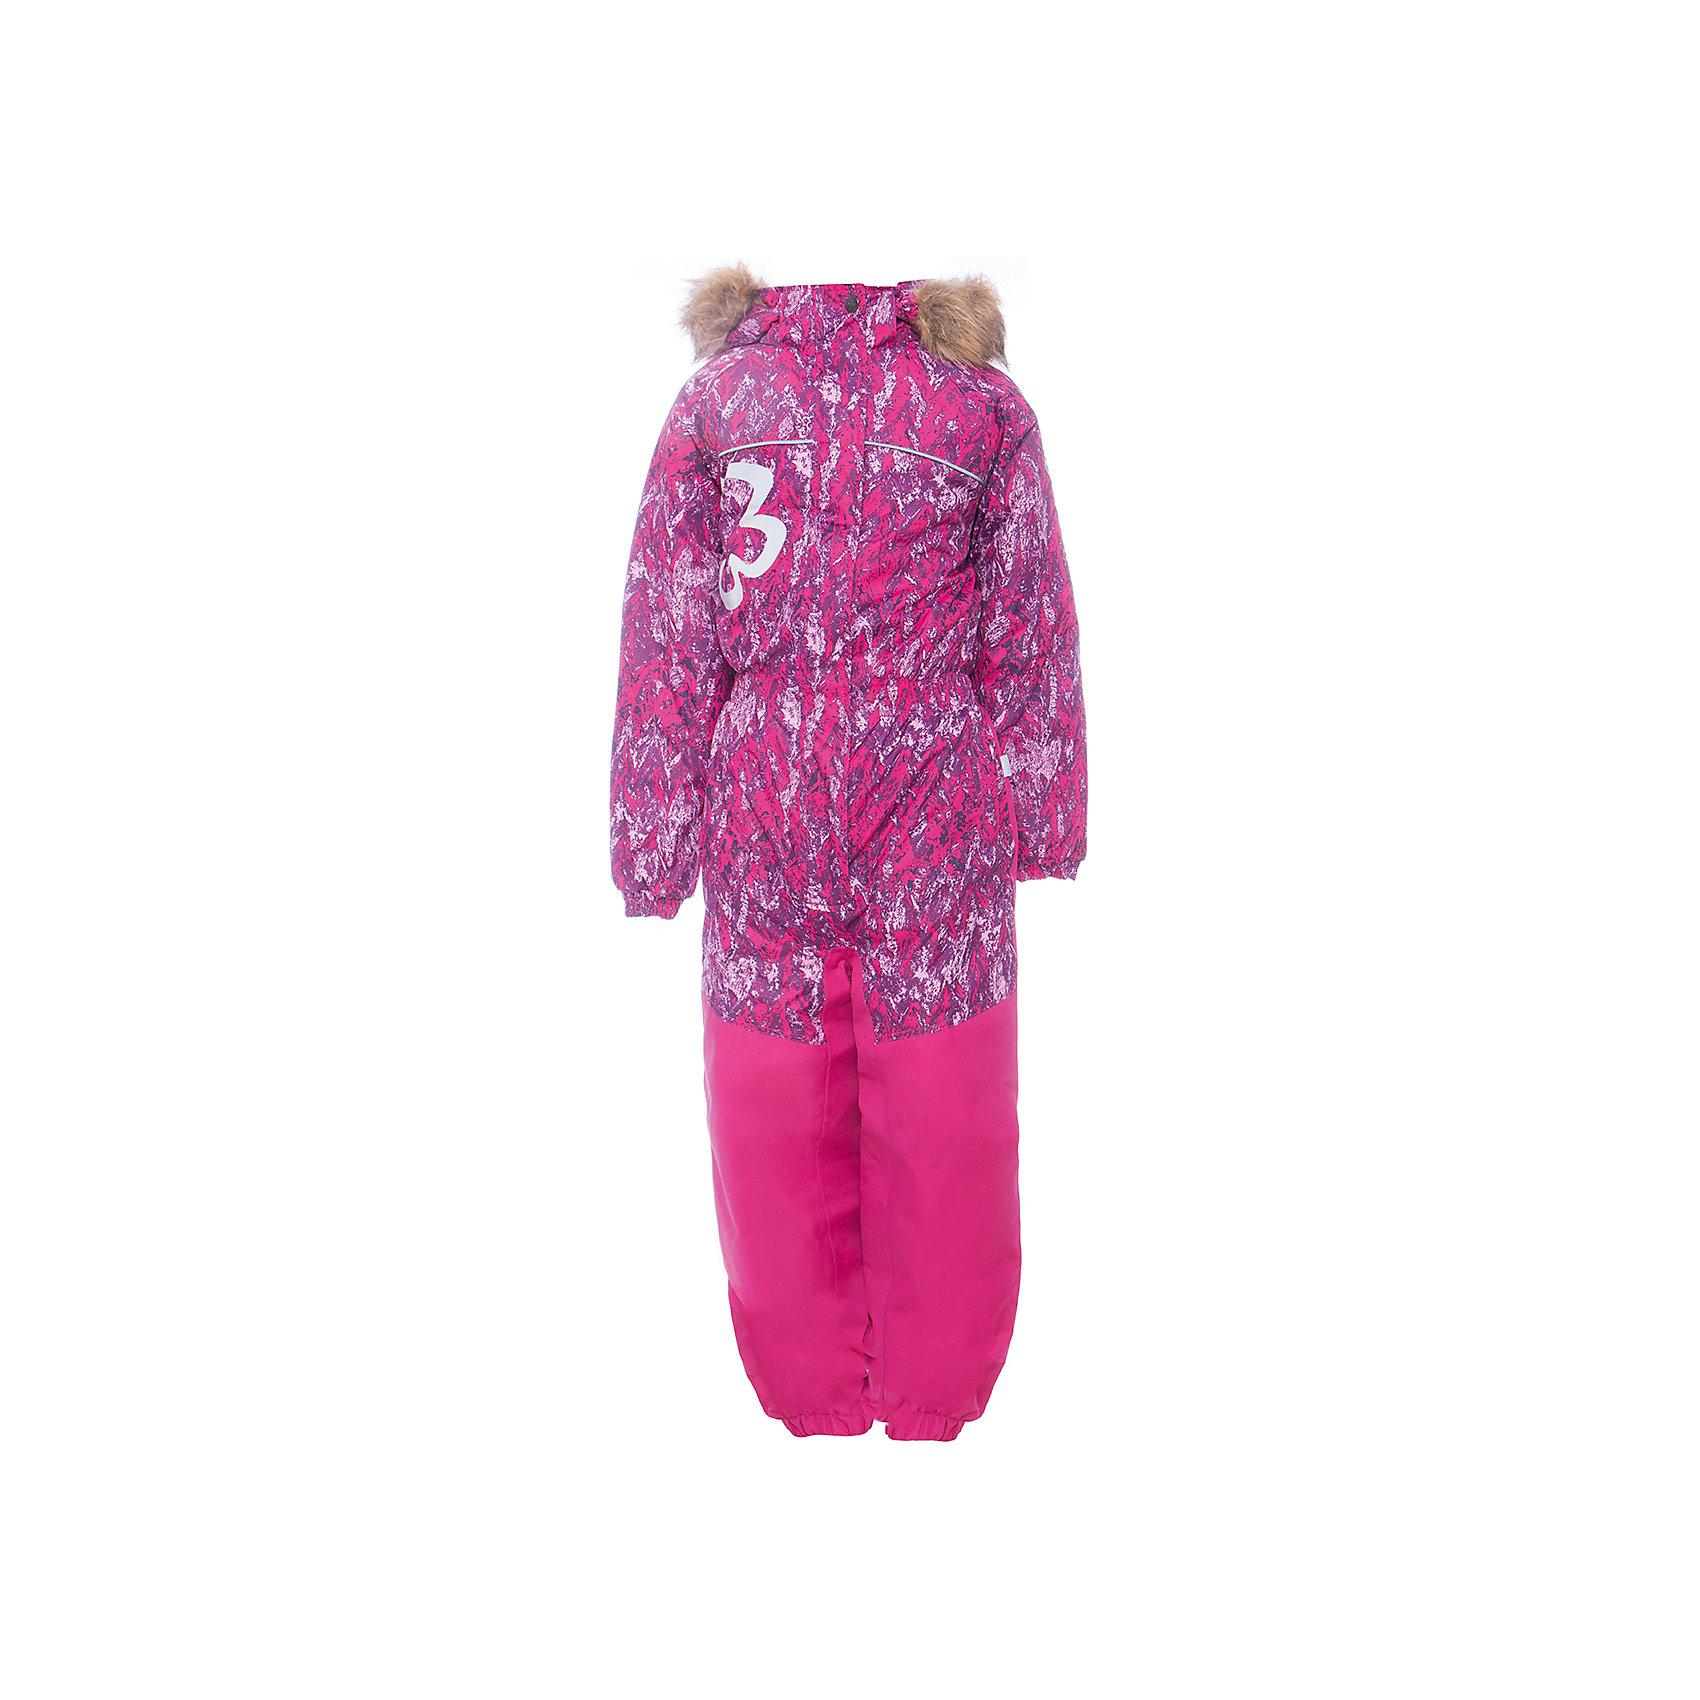 Комбинезон CHLOE 1 Huppa для девочкиВерхняя одежда<br>Характеристики товара:<br><br>• модель: Chloe 1;<br>• цвет: фуксия,принт ;<br>• пол: девочка ;<br>• состав: 100% полиэстер;<br>• утеплитель: полиэстер, 300 гр.;<br>• подкладка: тафта/флис;<br>• сезон: зима;<br>• температурный режим: от -5 до - 30С;<br>• водонепроницаемость: 5000 мм вверх/10000 мм низ ;<br>• воздухопроницаемость: 5000 вверх/ 10000 низ г/м2/24ч;<br>• водо- и ветронепроницаемый, дышащий и грязеотталкивающий материал;<br>• особенности модели: c рисунком, с мехом;<br>• капюшон для большего удобства крепится на кнопки и, при необходимости, отстегивается;<br>• искусственный мех на капюшоне съемный ;<br>• сиденье и нижний край брючины выполнены из очень прочной ткани Cordura;<br>• cидельный шов, внутренние и боковые швы проклеены и не пропускают влагу;<br>• светоотражающих элементов для безопасности ребенка;<br>• внутренний и боковые карманы застегиваются на молнию;<br>• манжеты брюк и рукавов эластичные, на резинках;<br>• съемные силиконовые штрипки;<br>• страна бренда: Финляндия;<br>• страна изготовитель: Эстония.<br><br>Комбинезон Chloe 1 для девочки Водо и воздухонепроницаемый. Важный критерий при выборе комбинезона для девочки - это количество утеплителя, ведь малыши еще малоподвижны, поэтому комбинезон должен быть теплым. В модели Chloe 1 300 грамм утеплителя, которые обеспечат тепло и комфорт ребенку при температуре от -5 до -30 градусов. Подкладка — тафта/флис. <br><br>Функциональные элемент: капюшон отстегивается с помощью кнопок, мех отстегивается, все карманы на молнии, манжеты на резинке, съемные силиконовые штрипки, светоотражающие элементы.<br><br>Комбинезон  Chloe 1  для девочки Huppa (Хуппа) можно купить в нашем интернет-магазине.<br><br>Ширина мм: 356<br>Глубина мм: 10<br>Высота мм: 245<br>Вес г: 519<br>Цвет: фуксия<br>Возраст от месяцев: 84<br>Возраст до месяцев: 96<br>Пол: Женский<br>Возраст: Детский<br>Размер: 104,110,116,122,128,134,92,98<br>SKU: 7024553